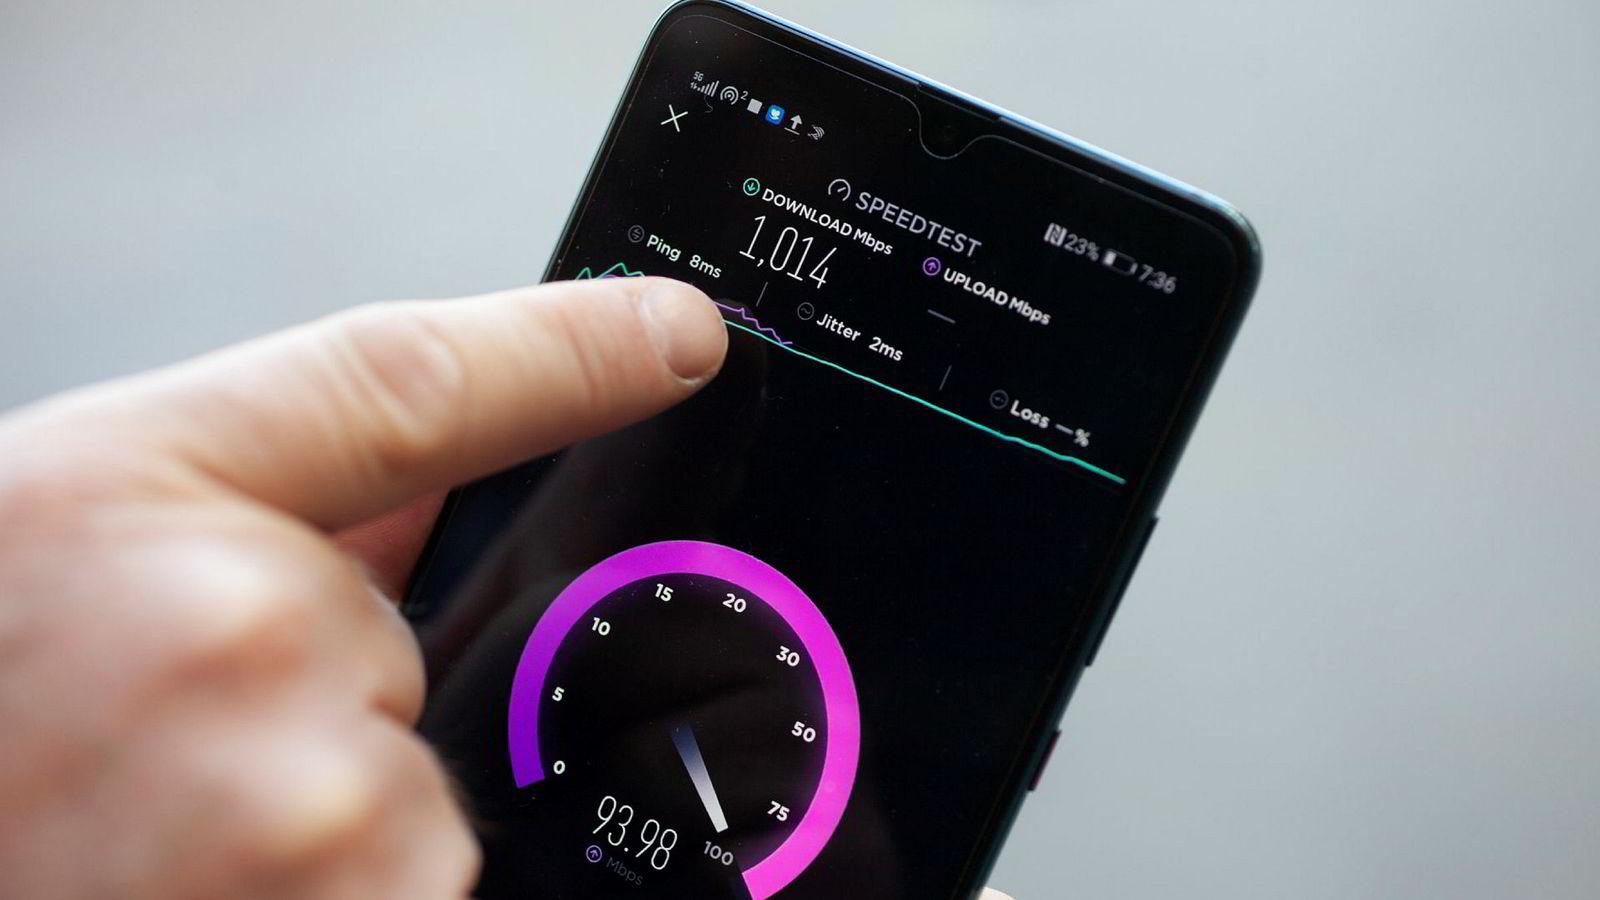 5G-telefonen viser en hastighet på én gigabit per sekund i Telias 5G-testnett i Nydalen i Oslo. – Det er ti ganger raskere enn det bredbåndet folk har hjemme, sier Tommy Strand, sjefarkitekt for nettverk i Telia Norge.